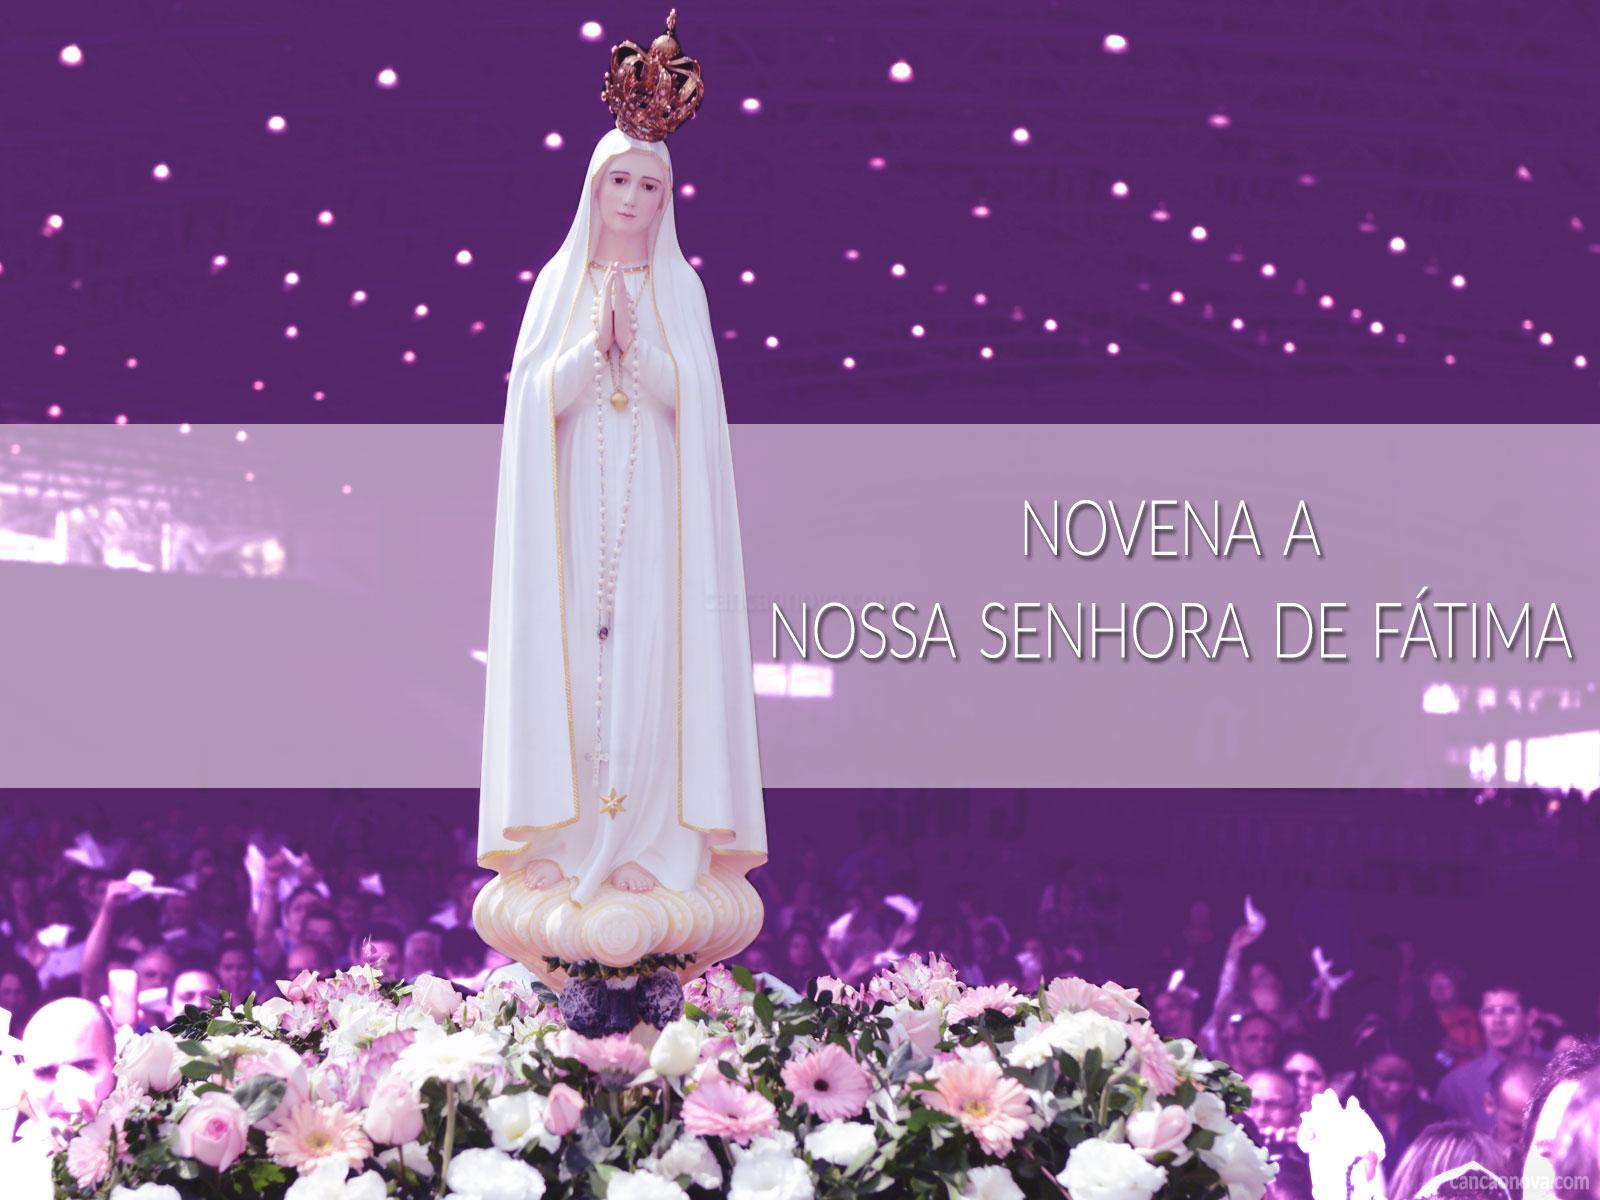 Novena-a-Nossa-Senhora-de-Fátima